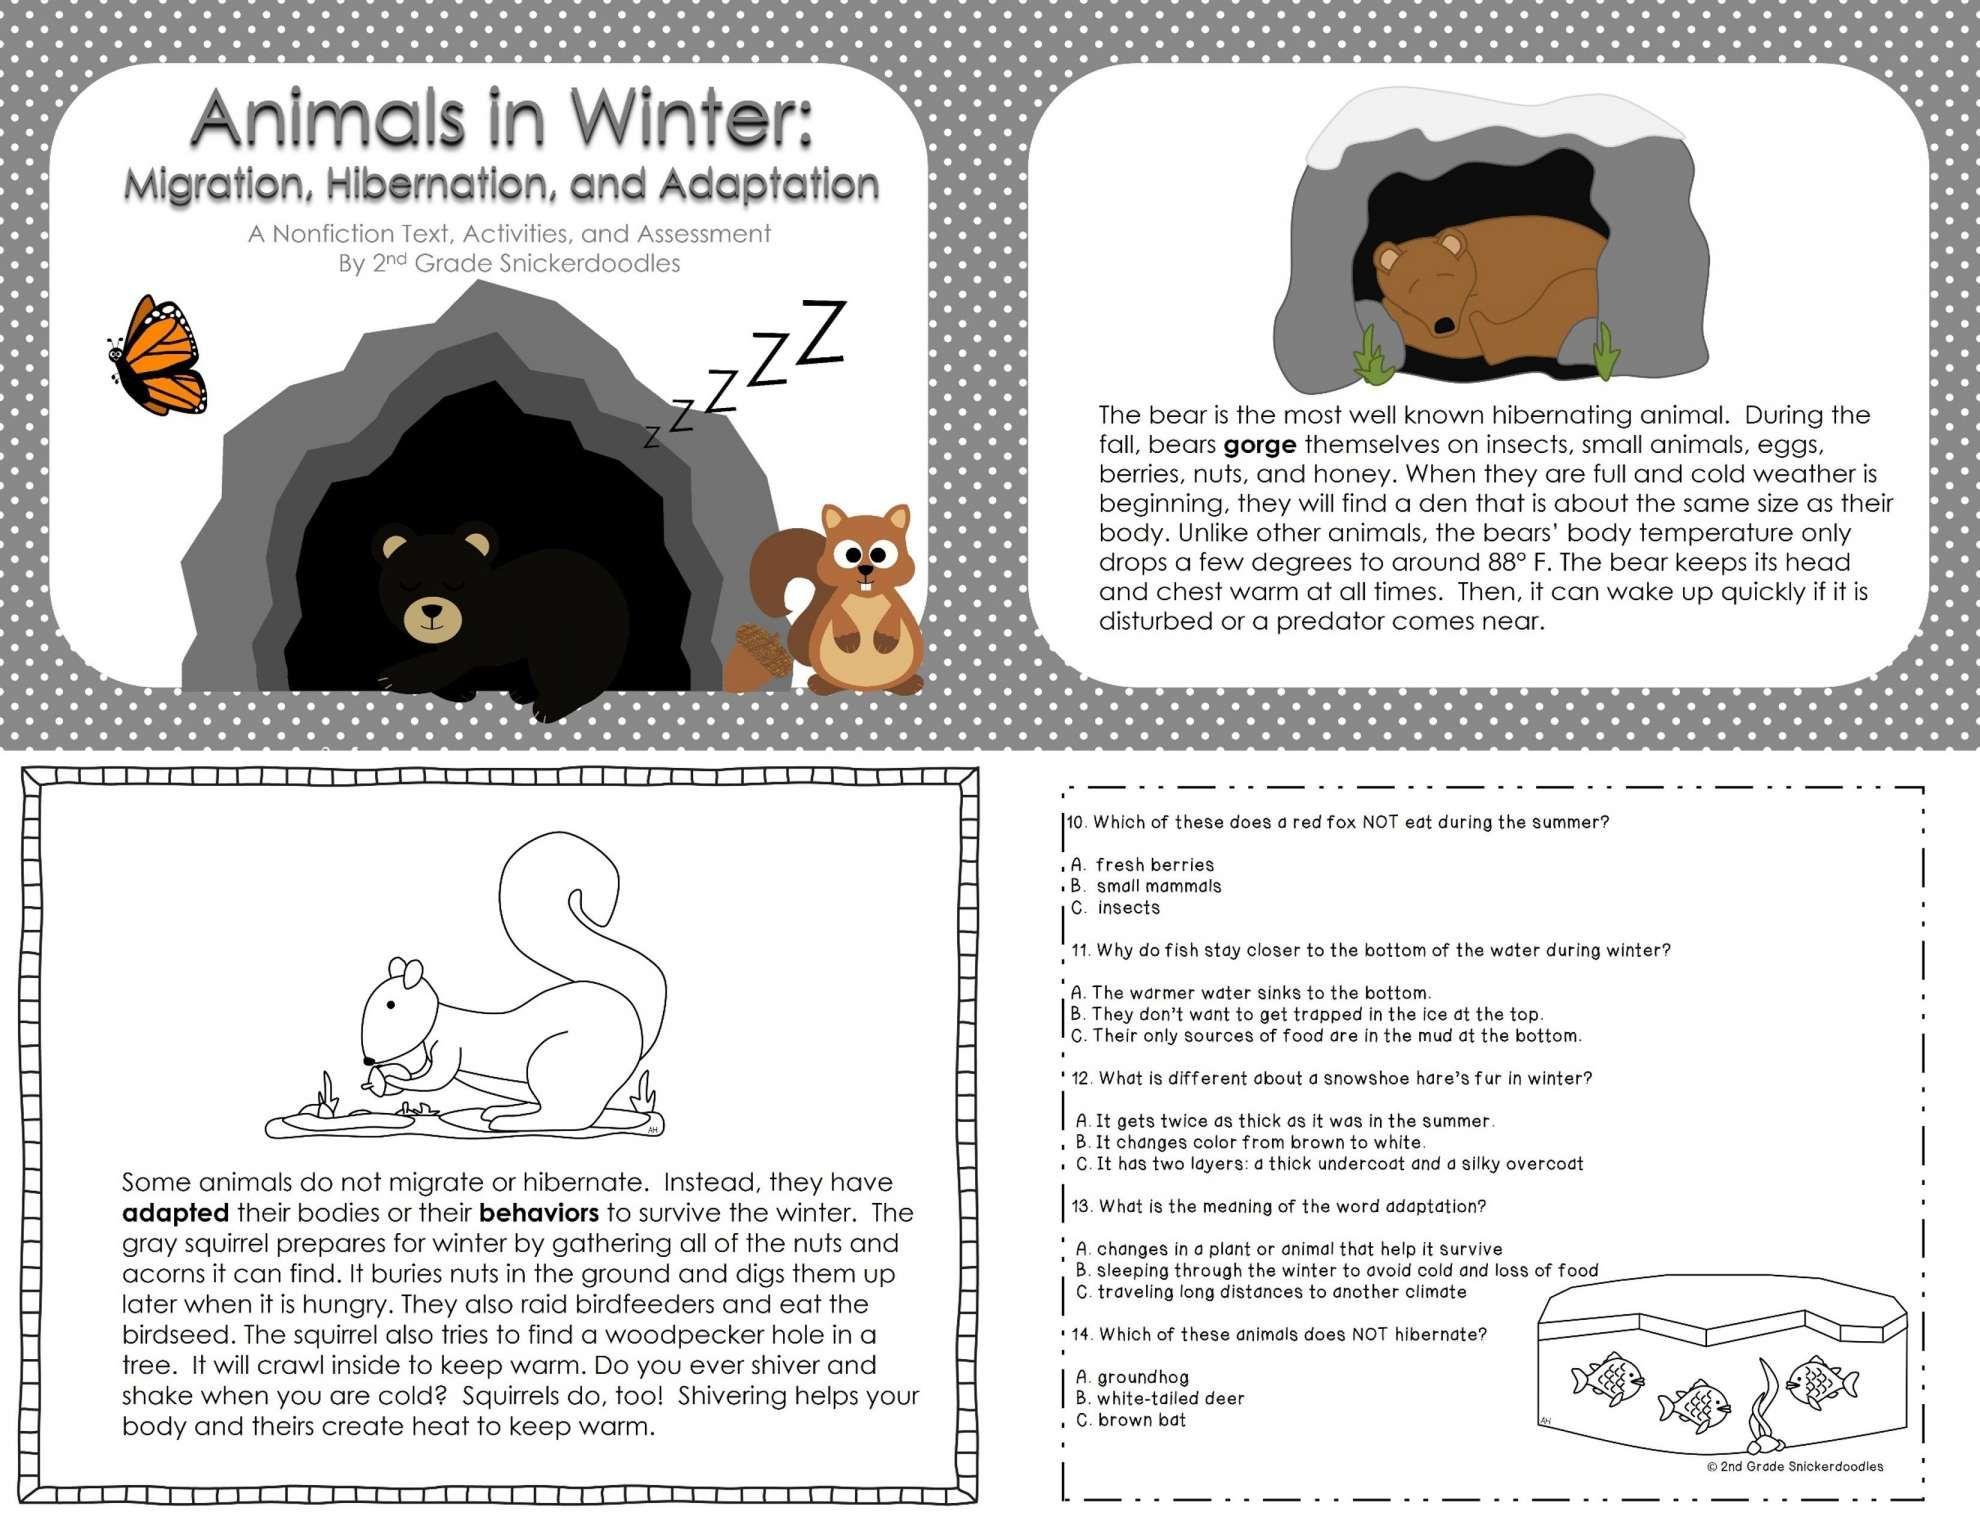 16 Hibernation Worksheets For 2nd Grade